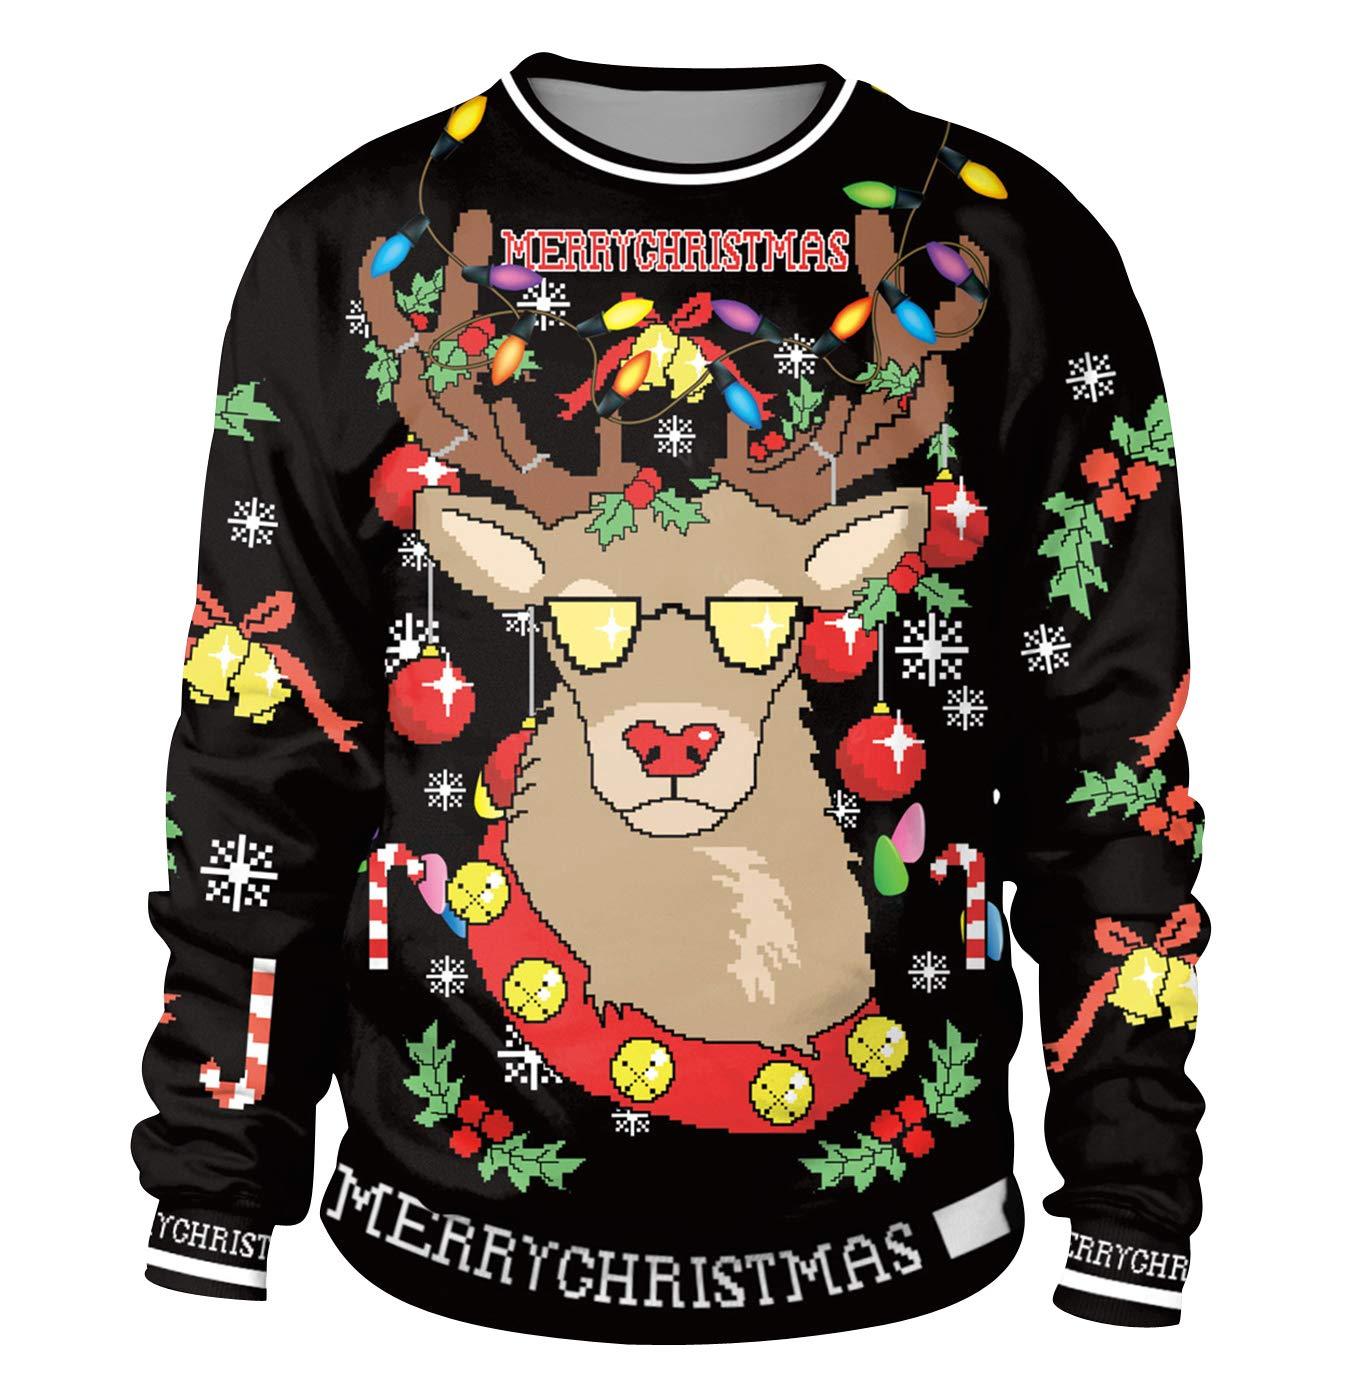 Sudadera Navidad Estampadas Sudaderas Navideñas Unisex Jersey Sueter Navideño Hombre Mujer Reno Sweaters Pullover Cuello Redondo Largas Chica Anchas Deportivas Invierno Camisetas Personalizadas